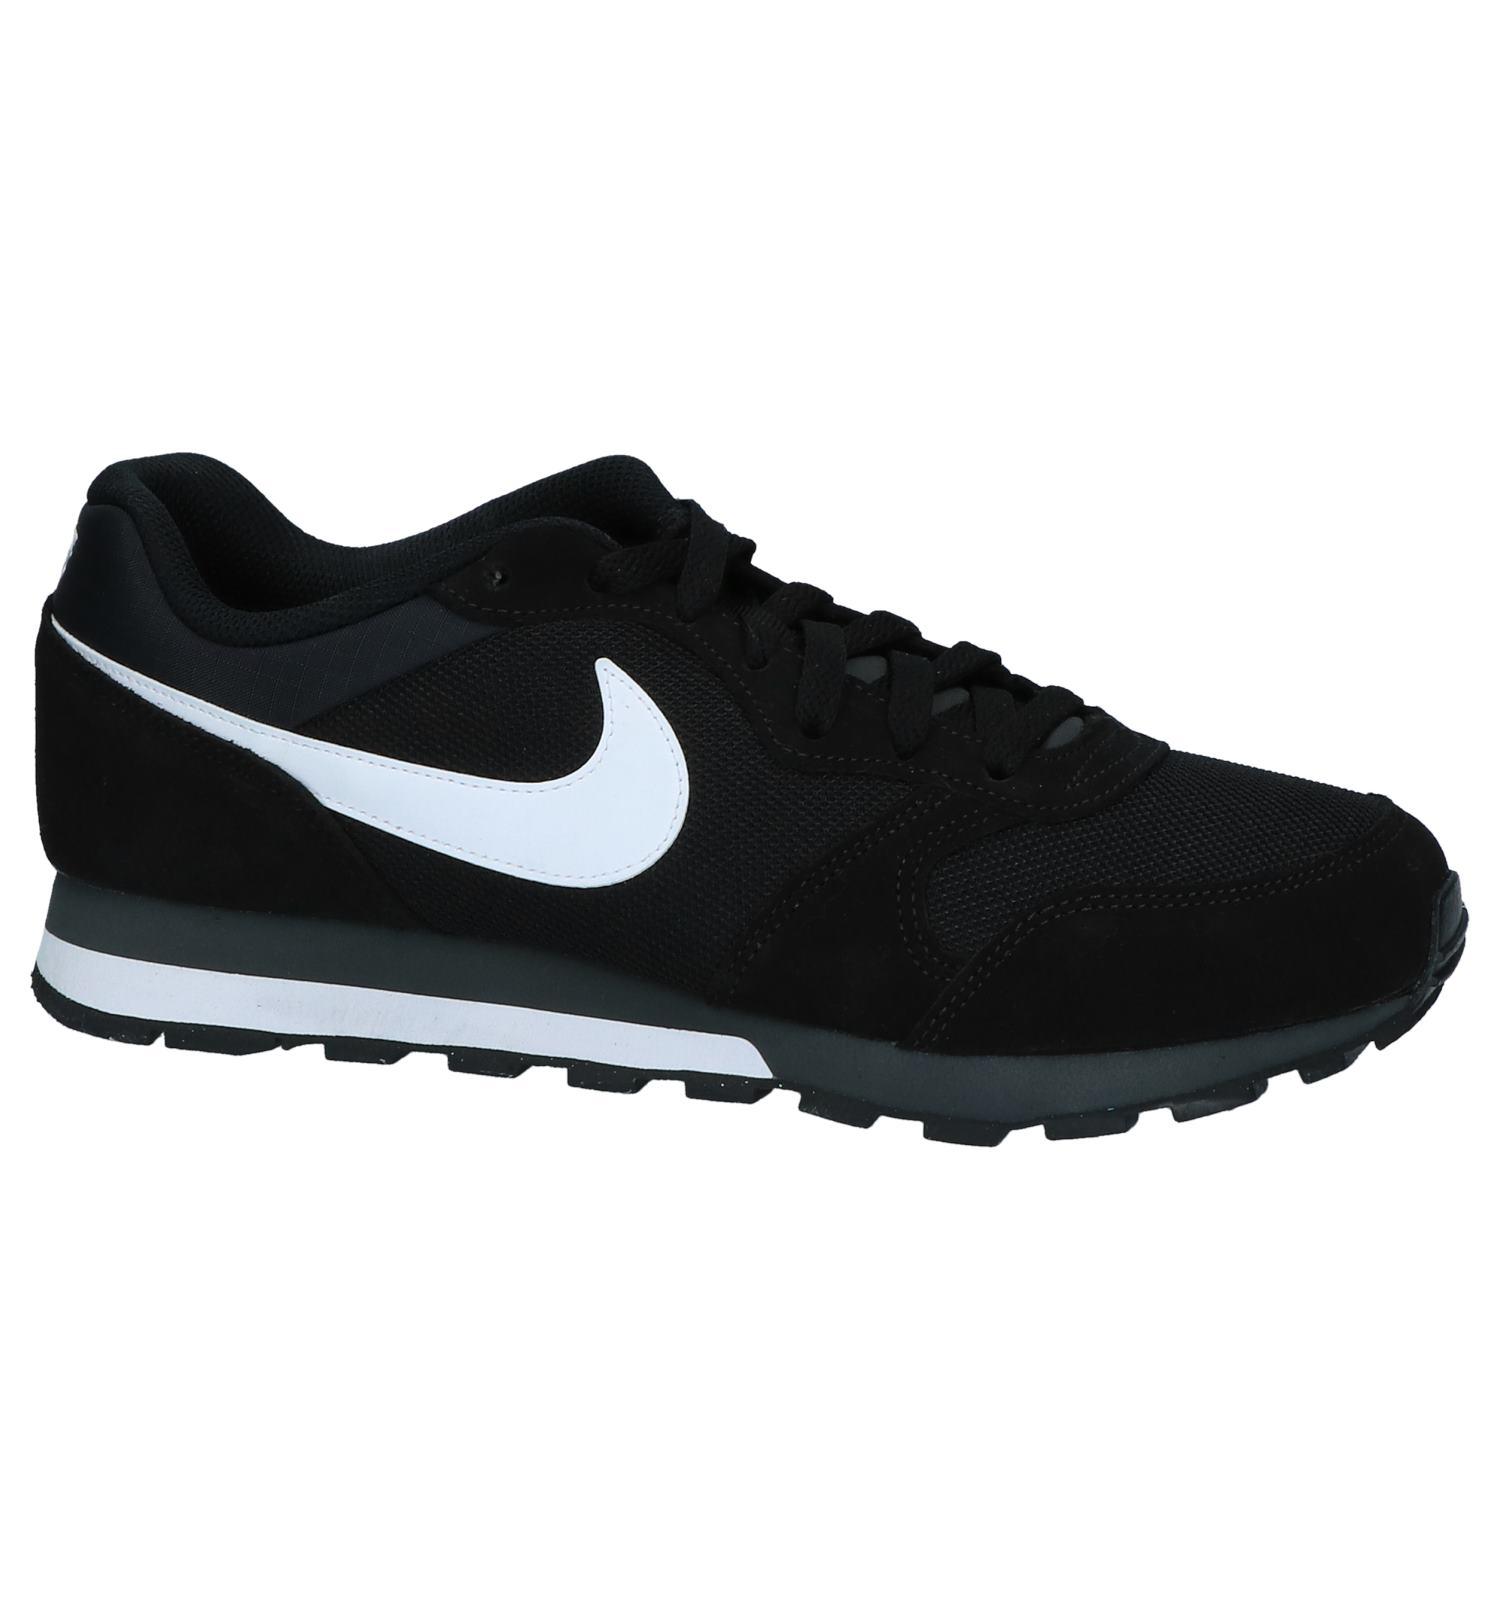 f7b6da0ab7d Nike MD Runner Lage Sneakers Zwart | TORFS.BE | Gratis verzend en retour